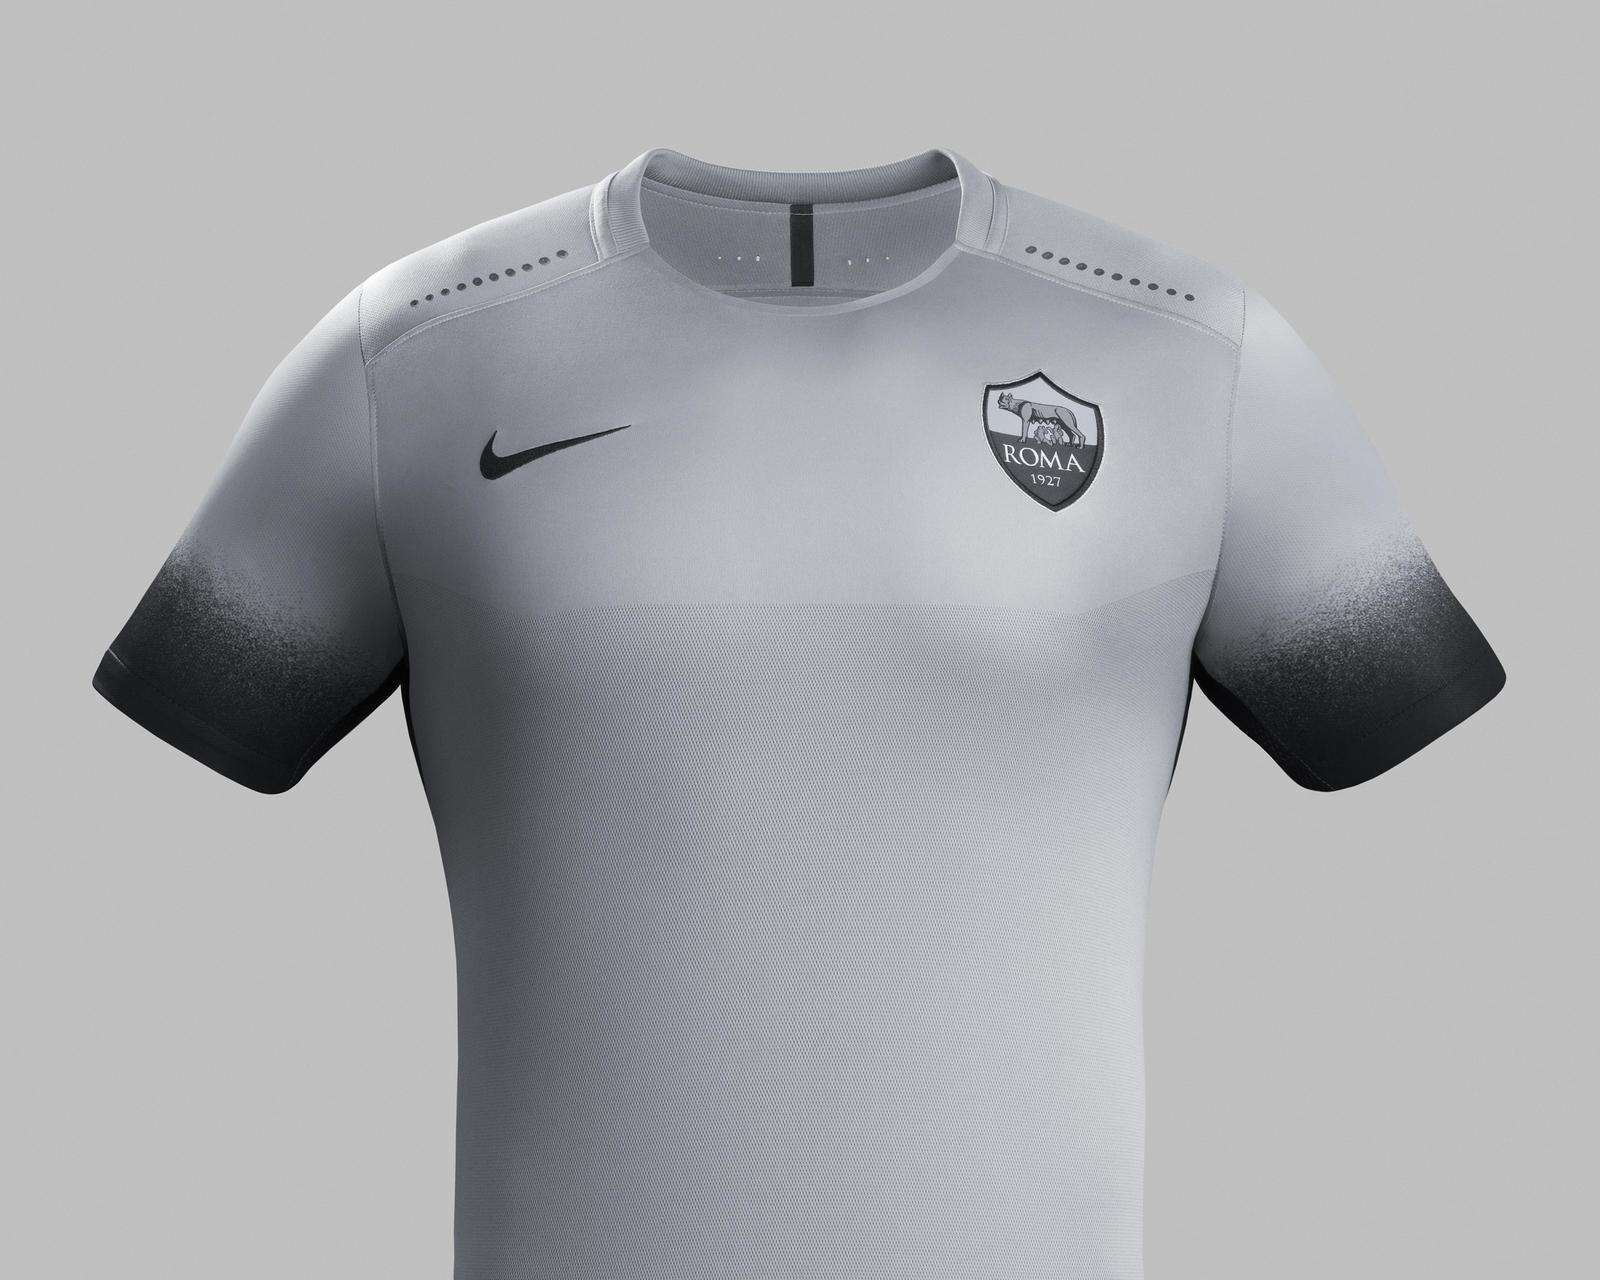 Terceiro uniforme da Roma para a temporada. Cinza prevalece